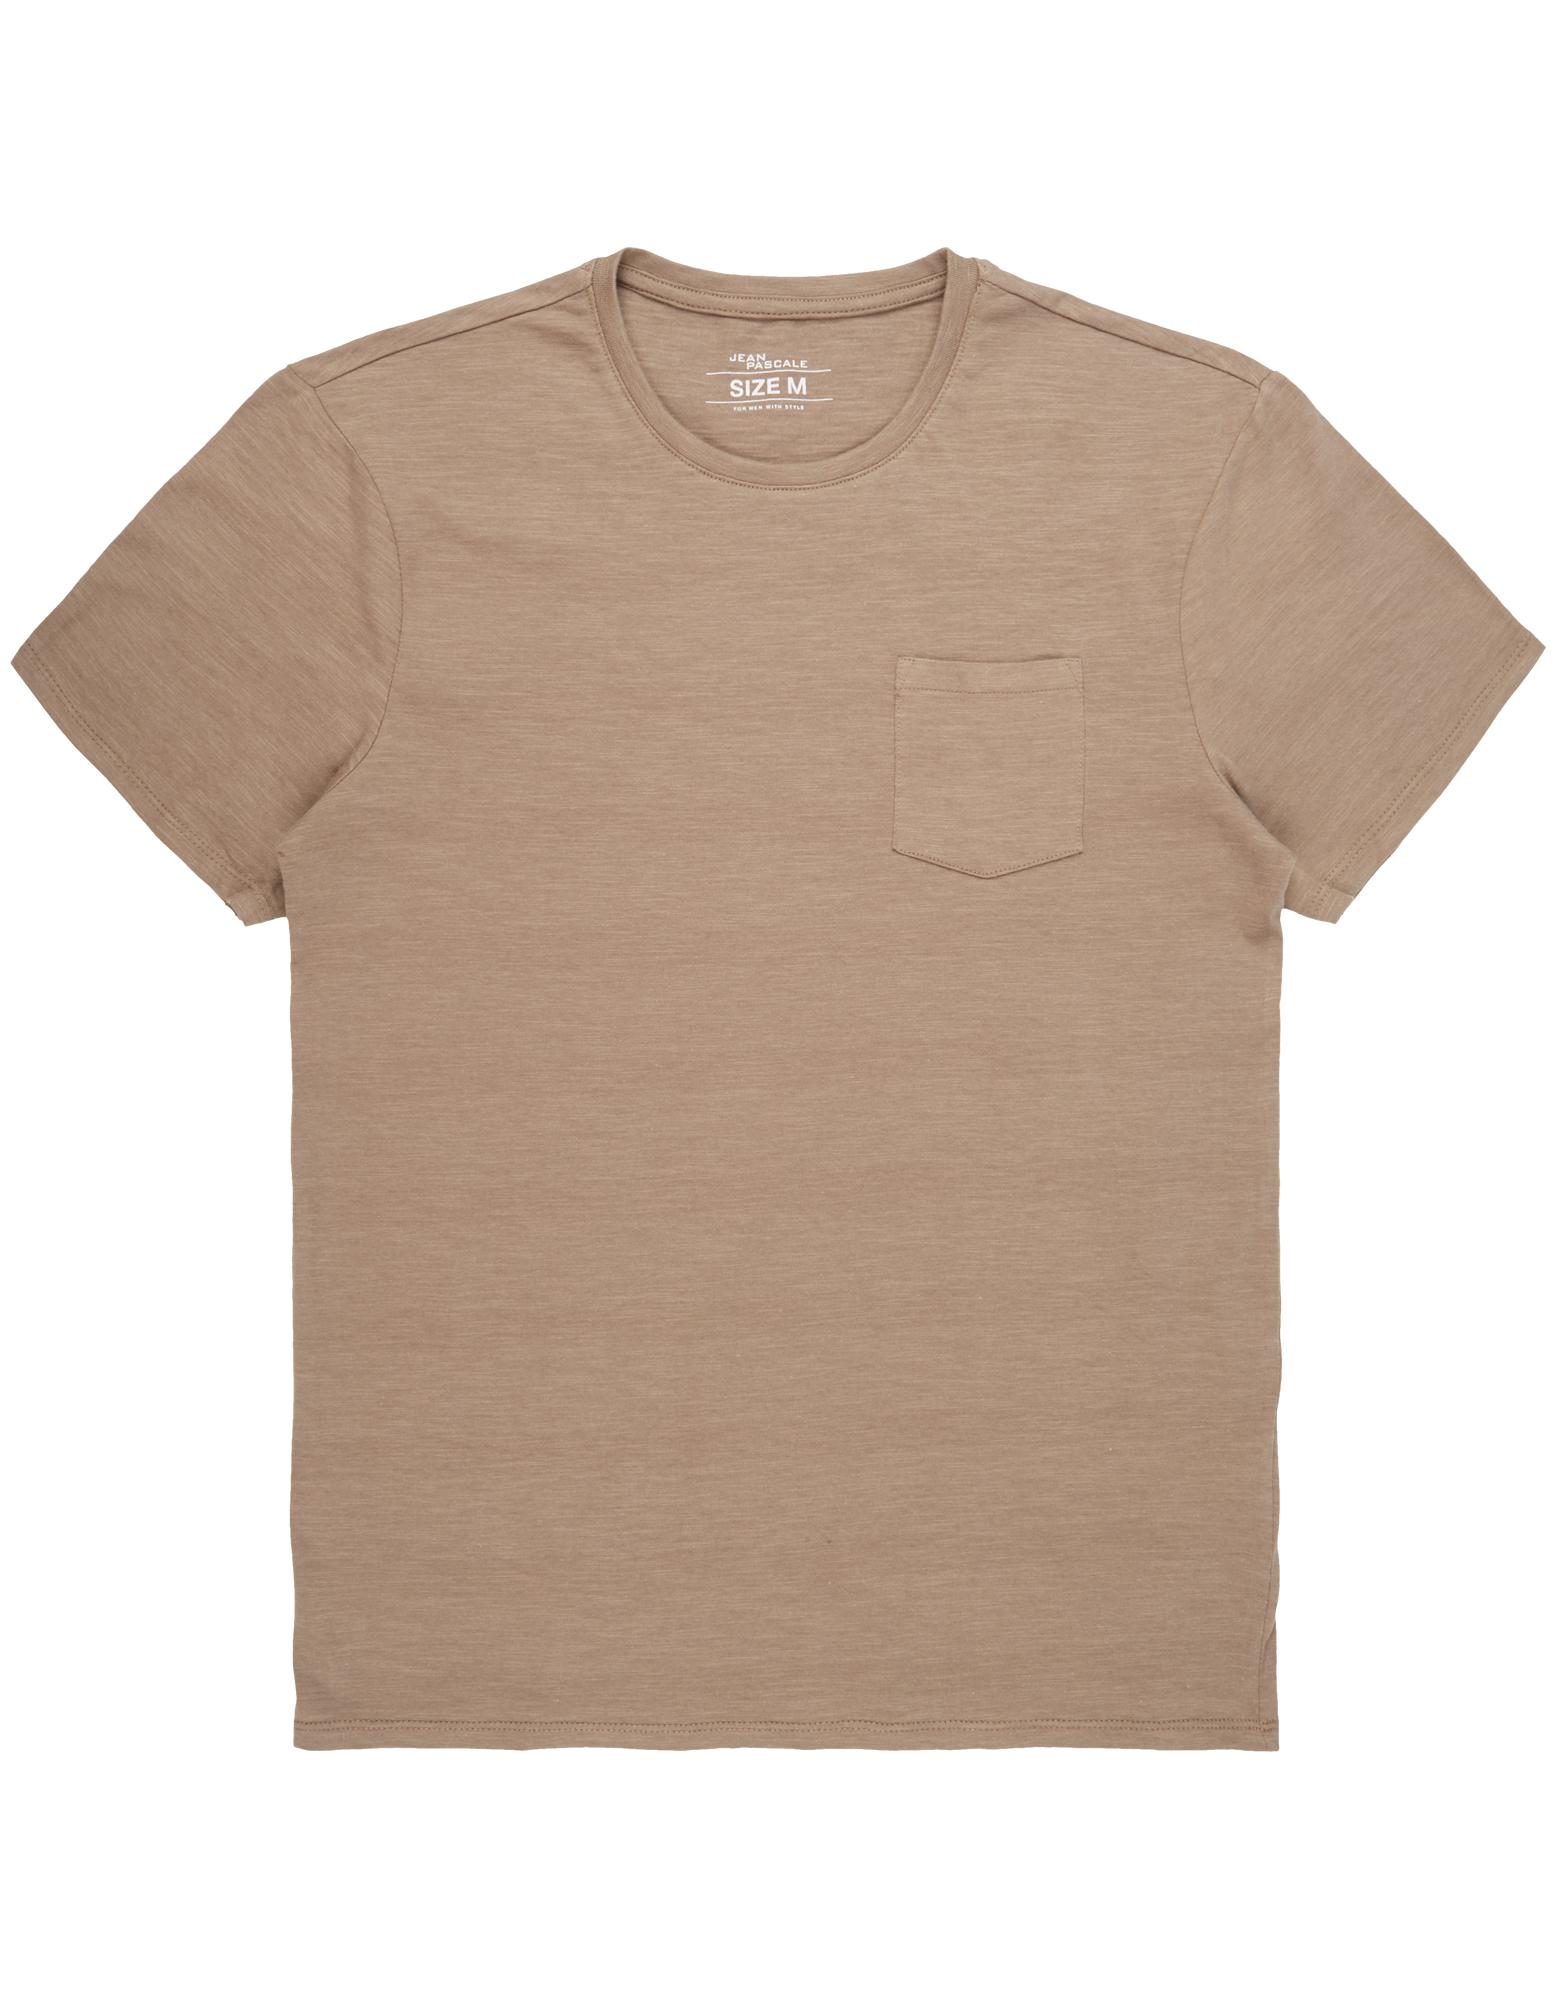 herren regular fit t shirt mit brusttasche takko fashion. Black Bedroom Furniture Sets. Home Design Ideas